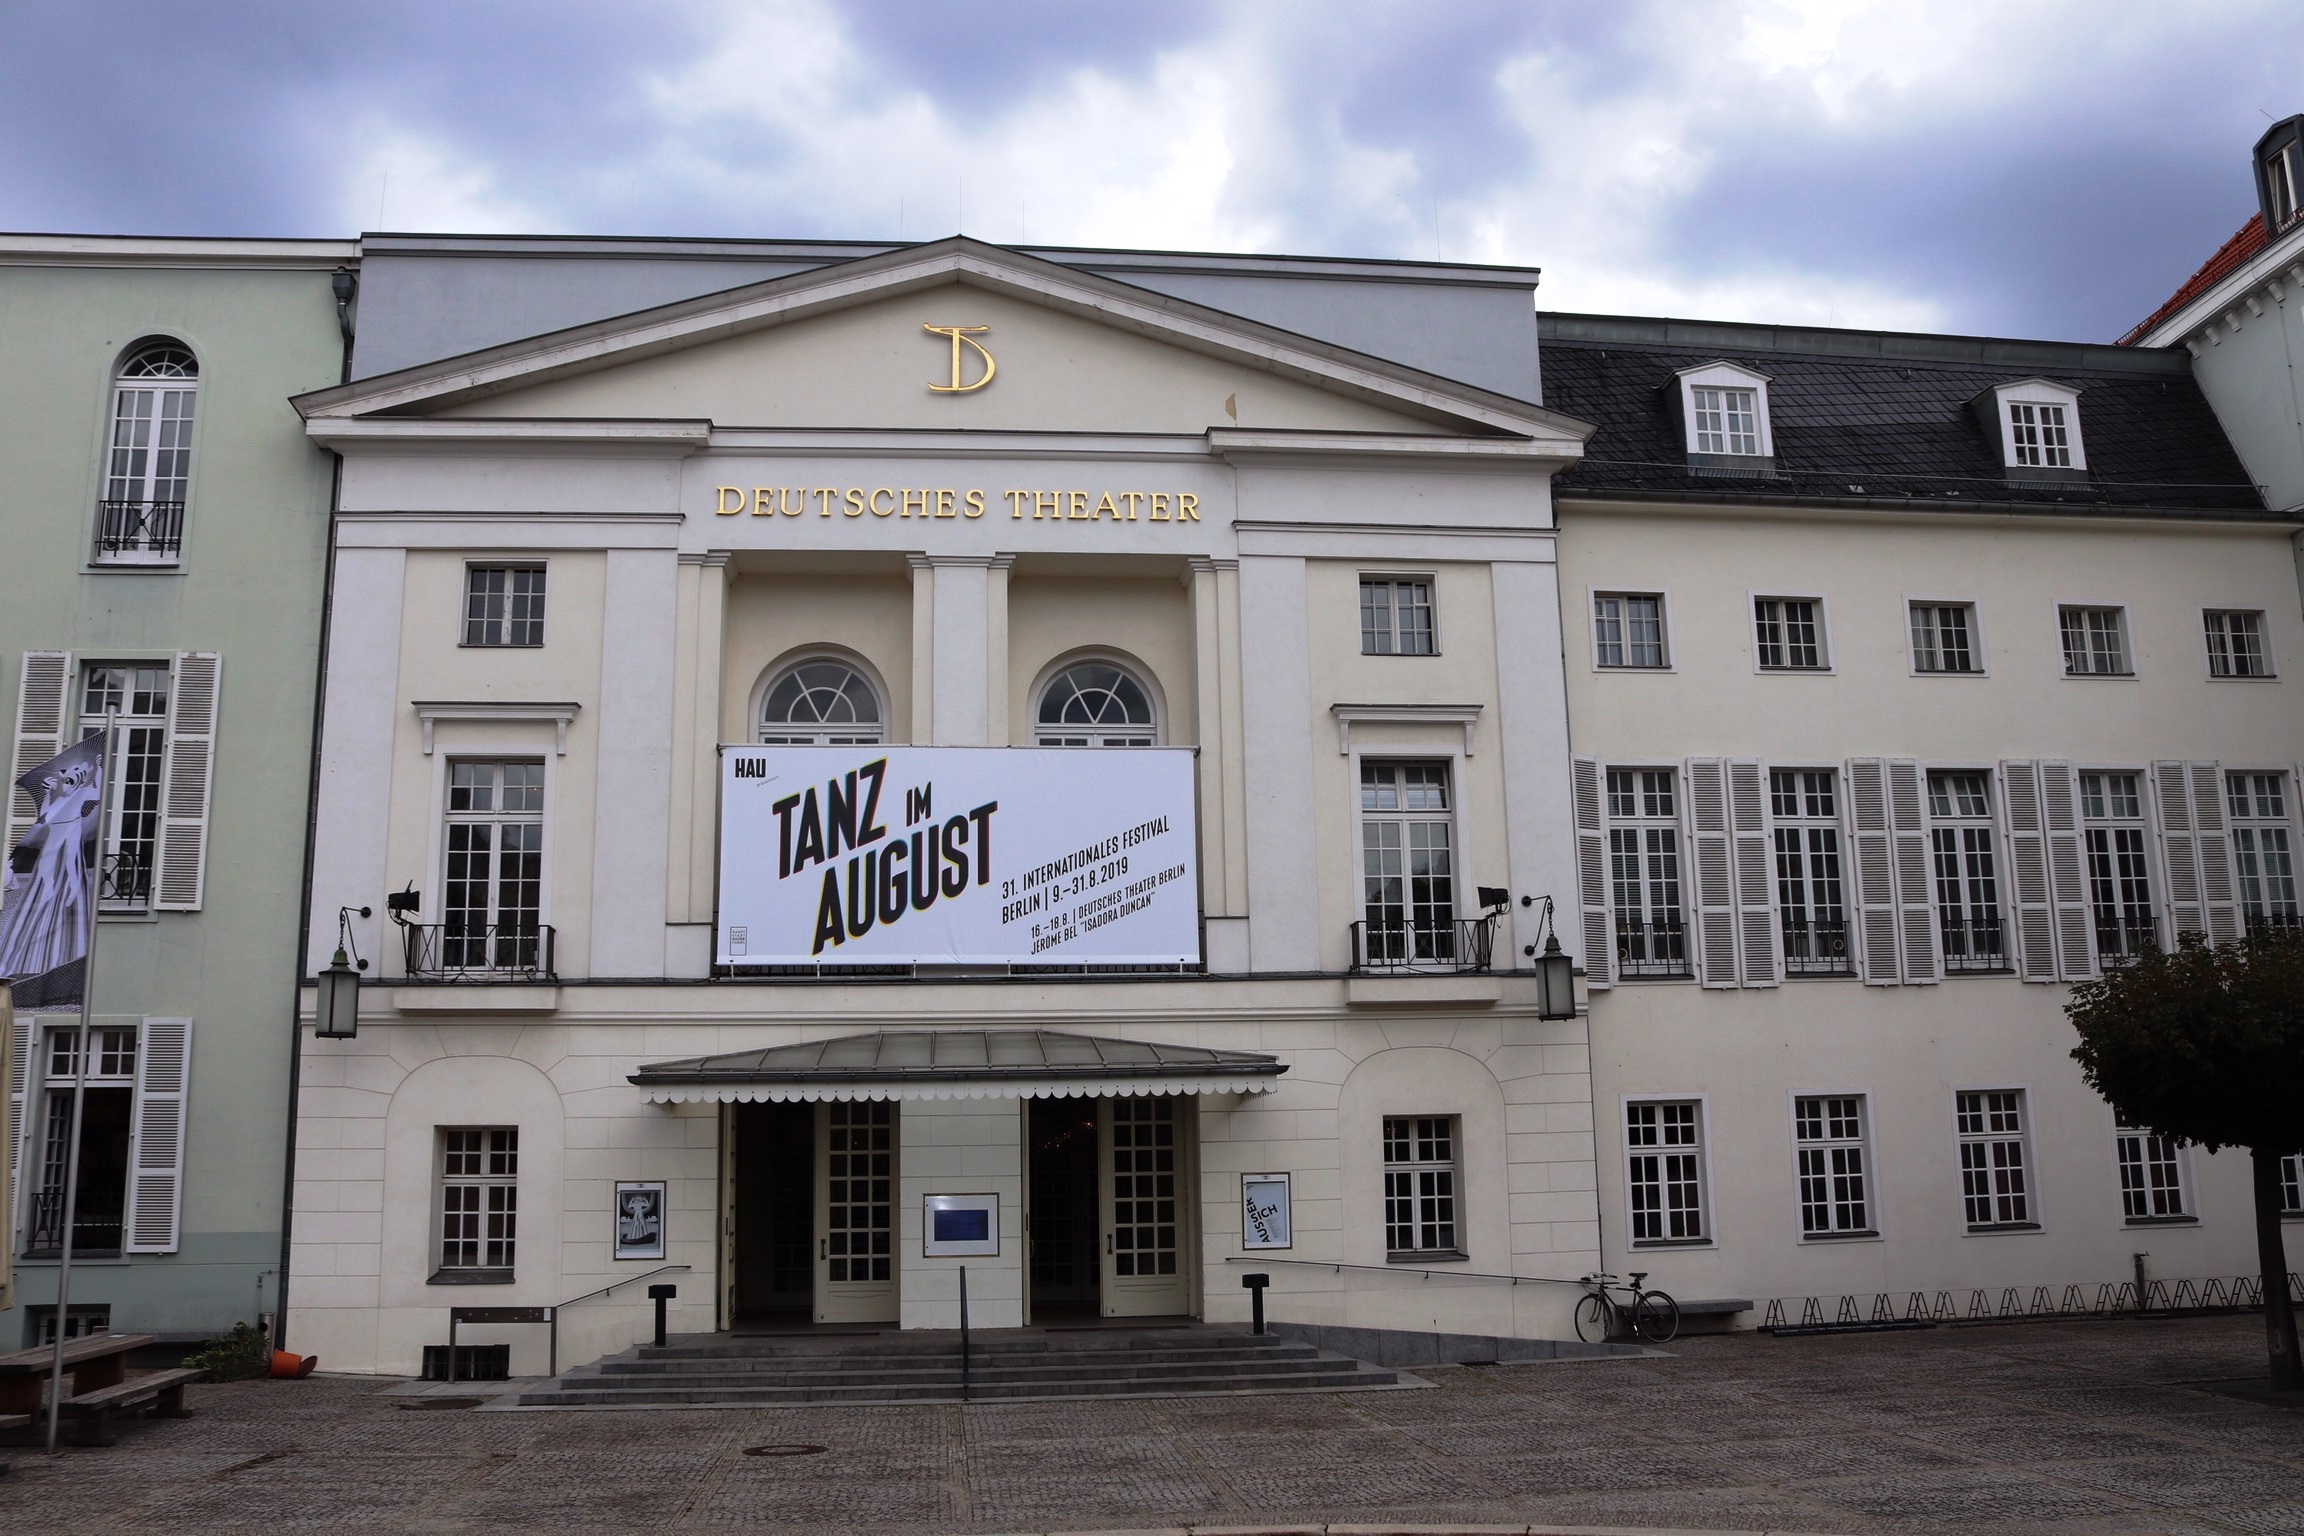 Deutsches Theater.jpeg